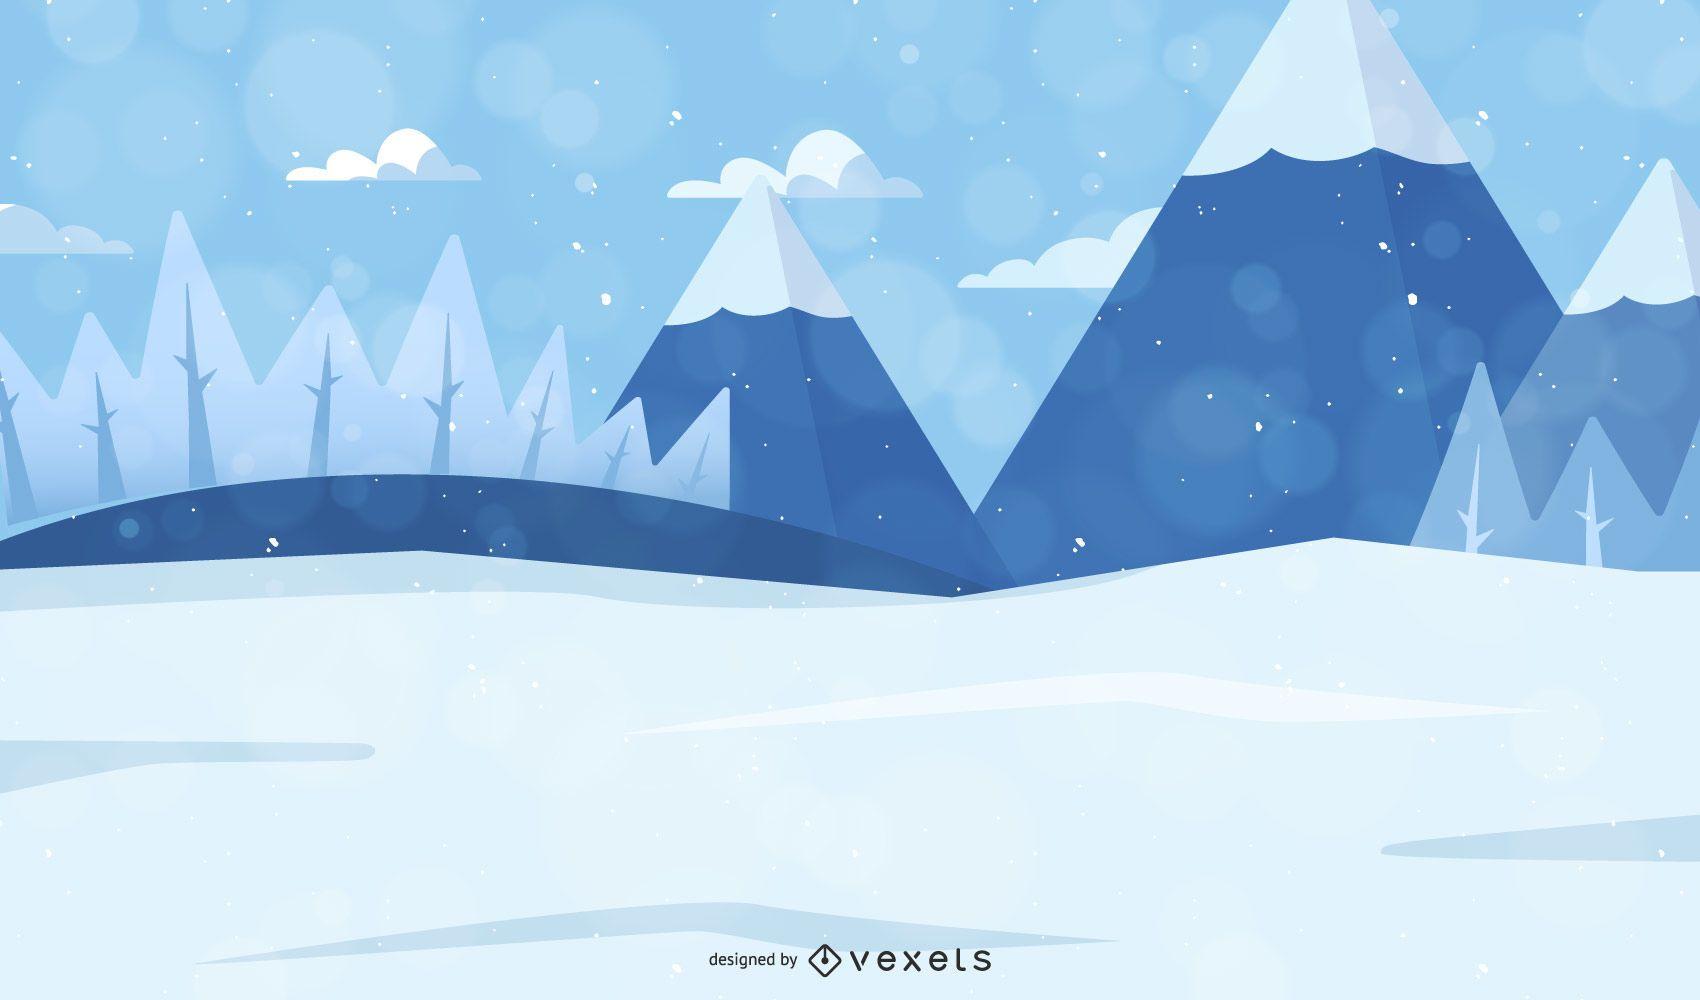 Árboles de Navidad en el paisaje nevado de invierno